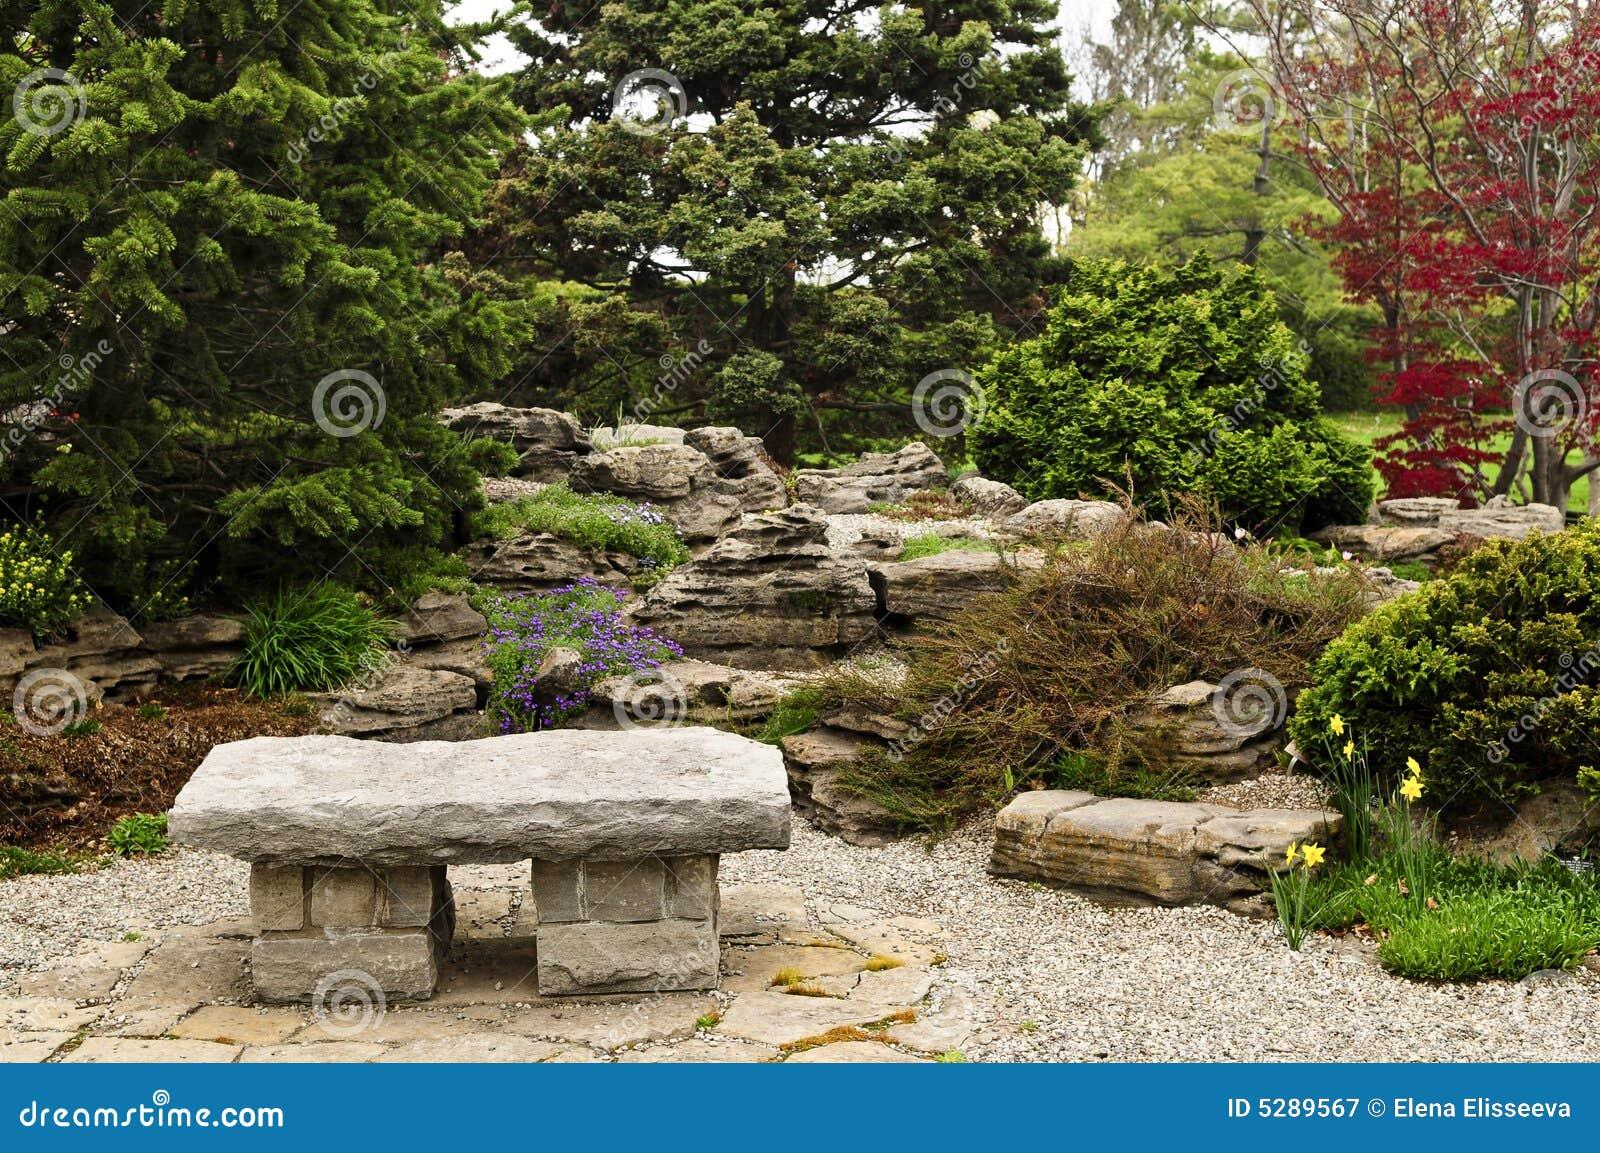 Zen garden stock image. Image of beds, calm, maple, flowerbeds - 5289567